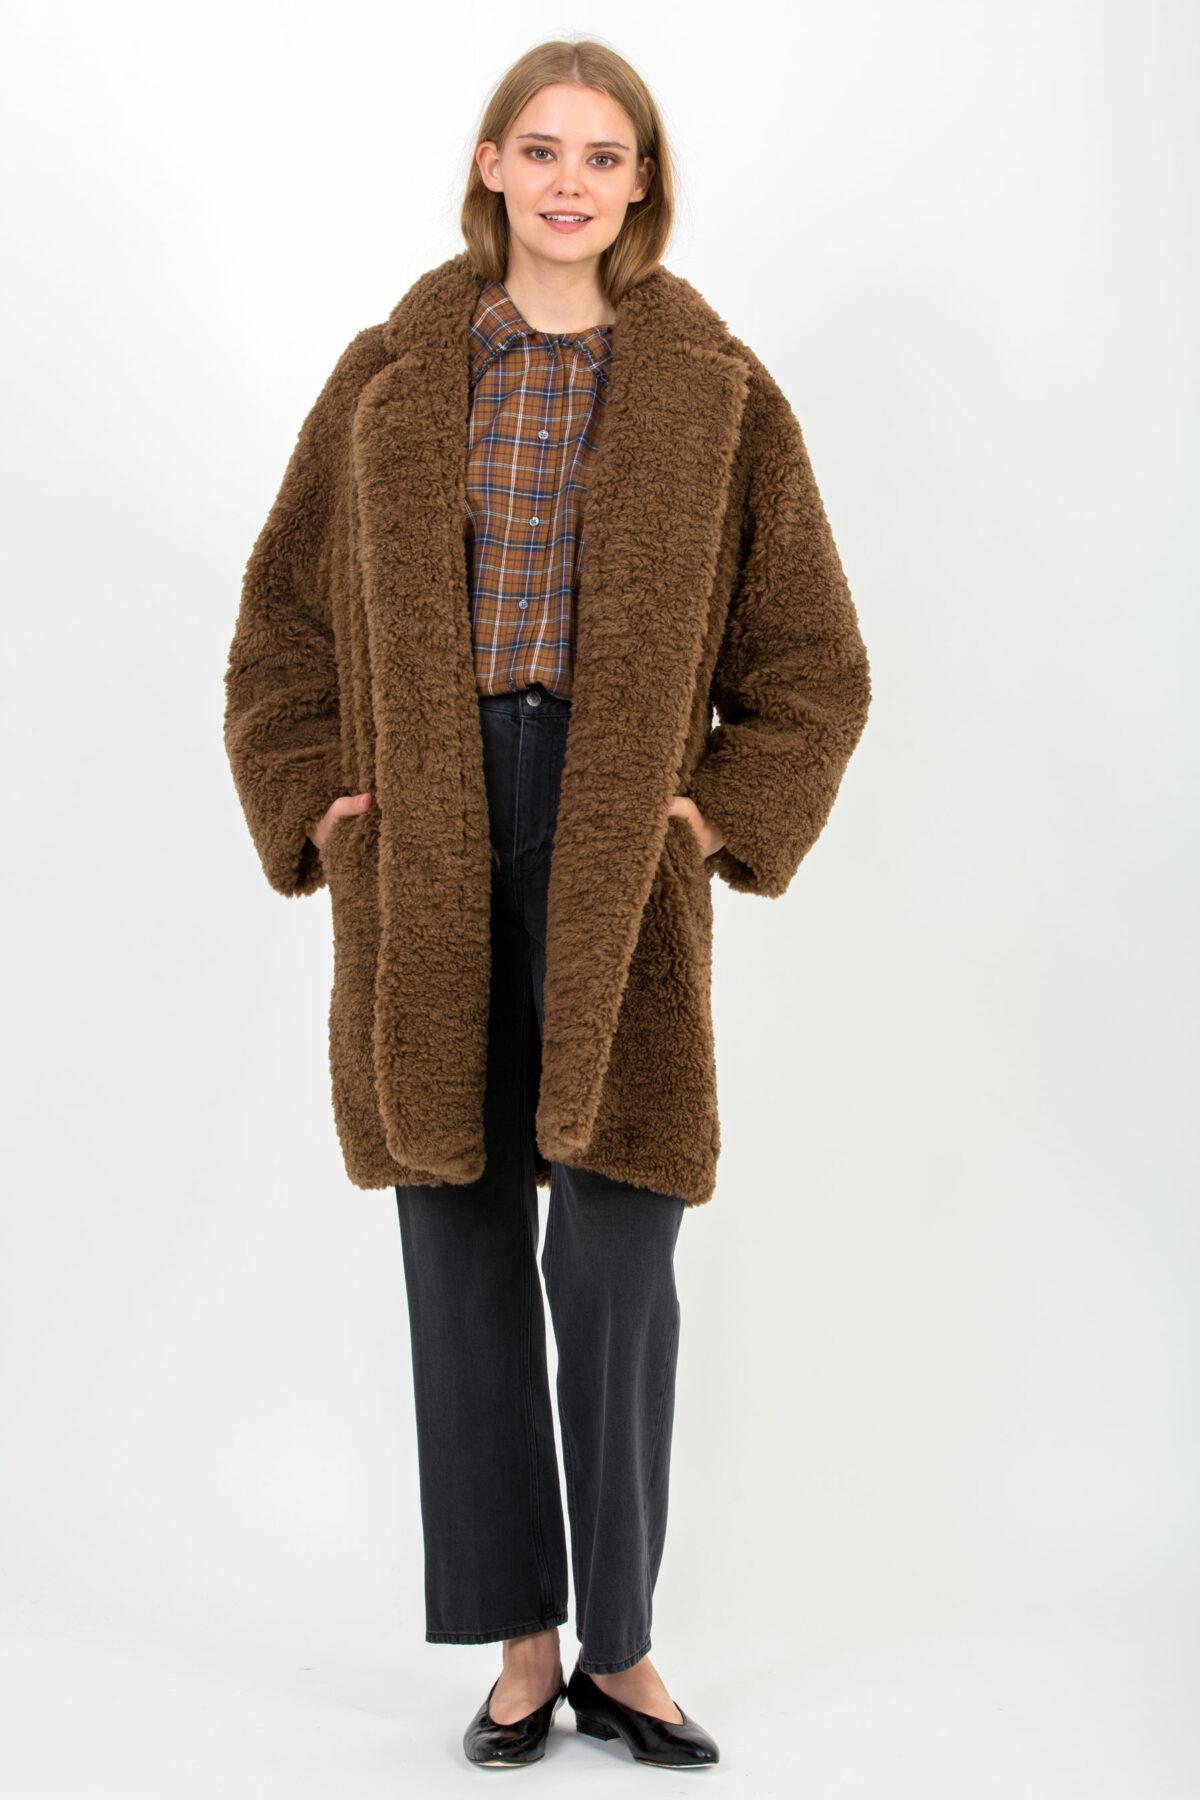 maguelano-coat-teddy-brown-vanessa-bruno-matchboxathens